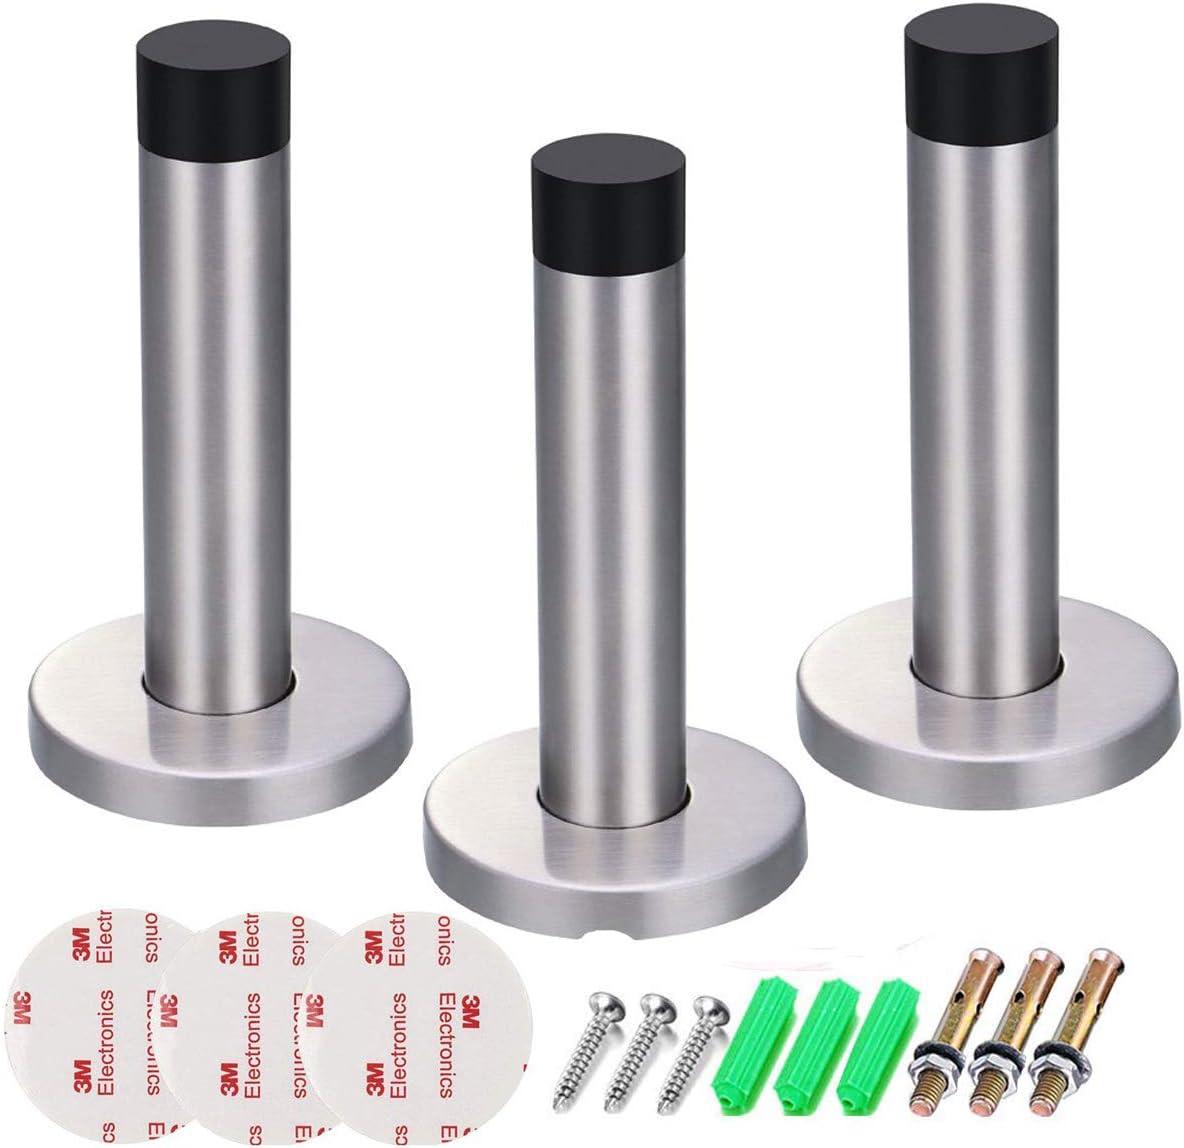 Adhesive Door Stop Metallic Matte Chrome